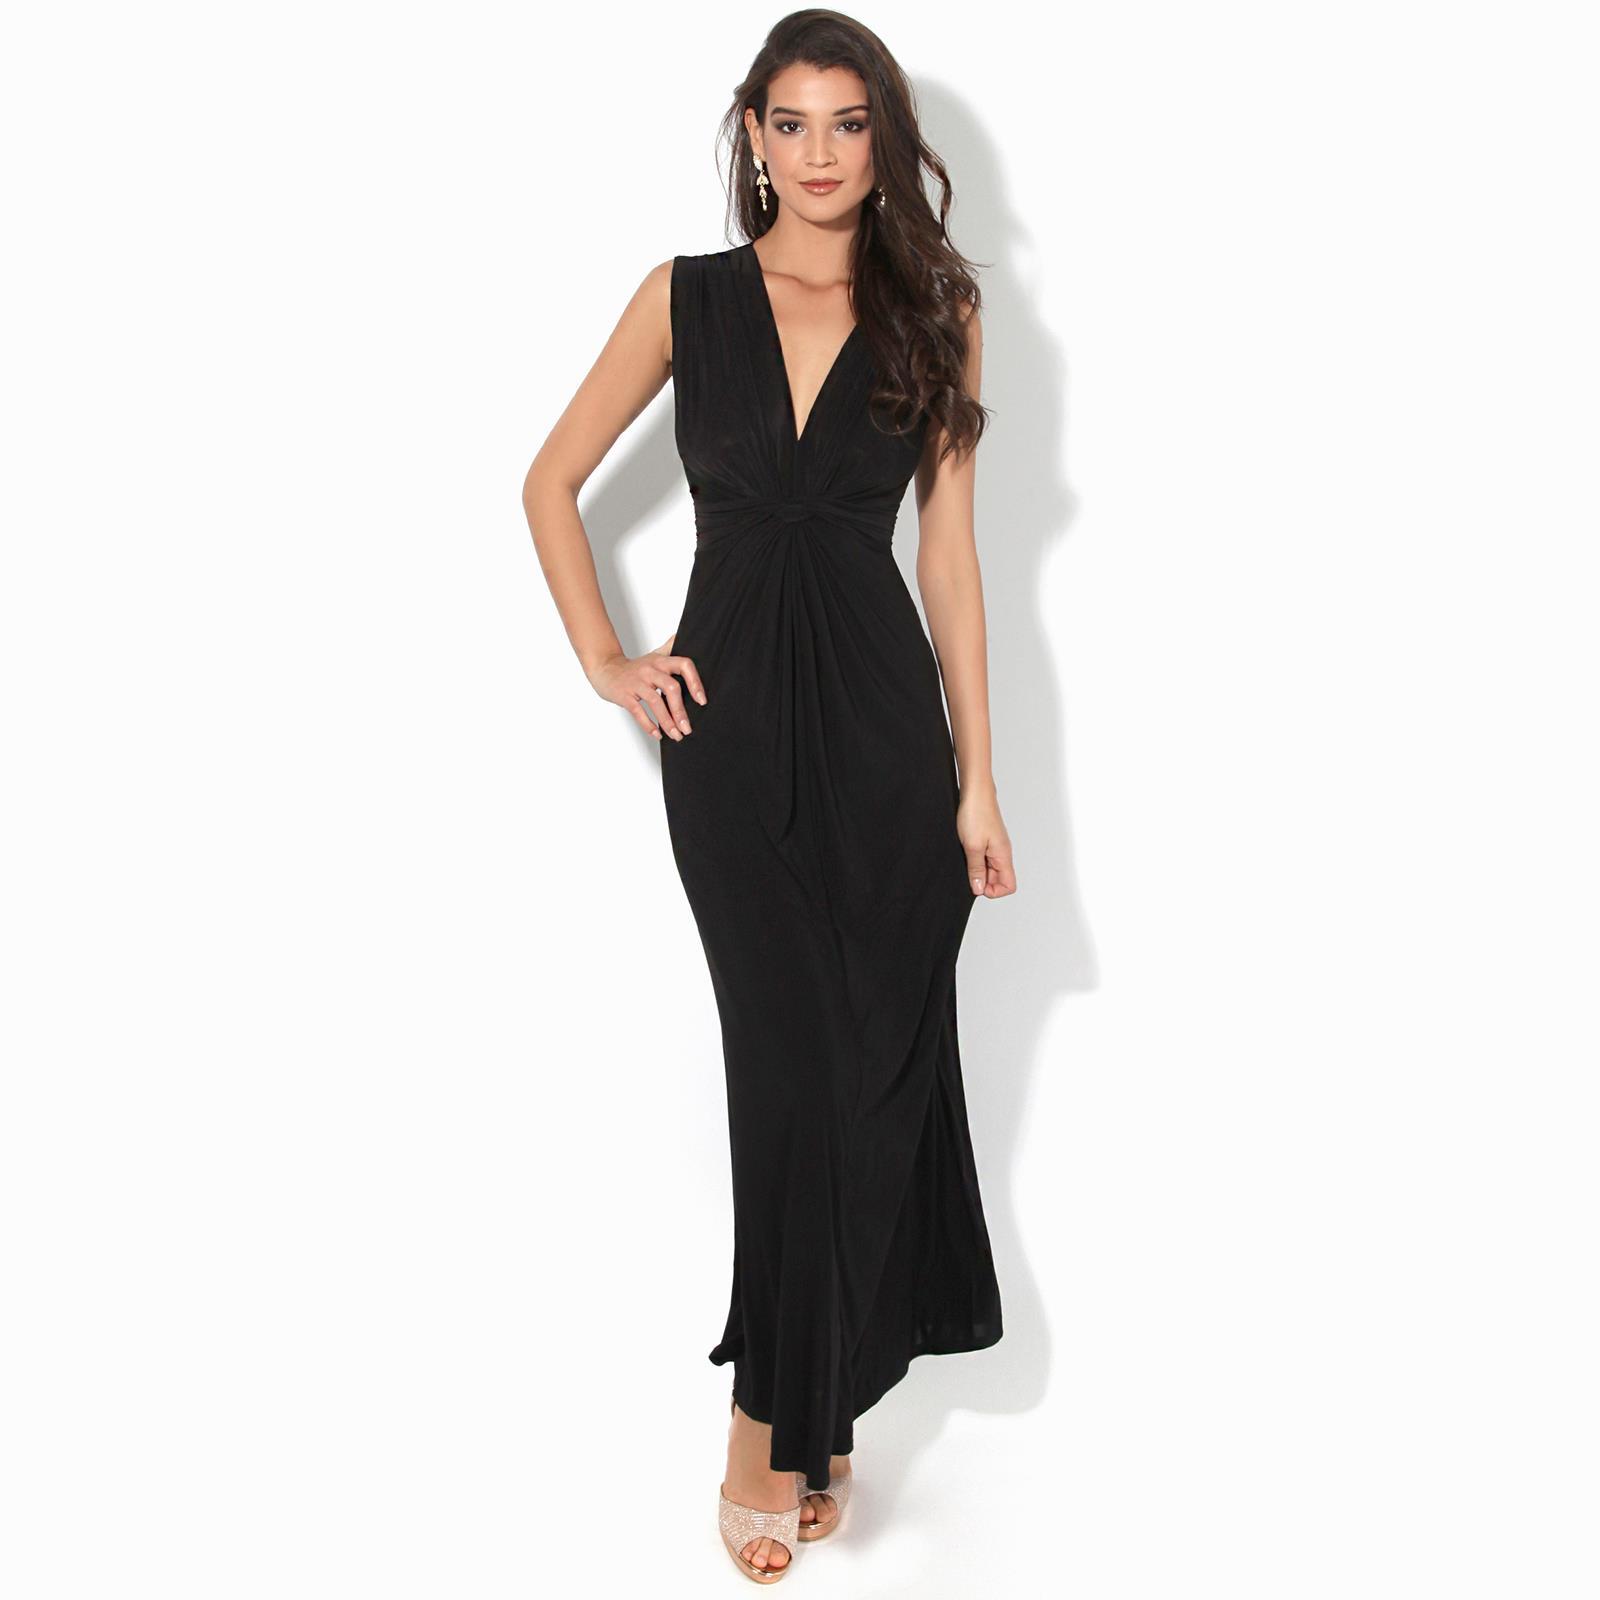 Womens-Ladies-Boho-Long-Maxi-Dress-Knot-V-Neck-Sleeveless-Pleated-Summer-Party thumbnail 5